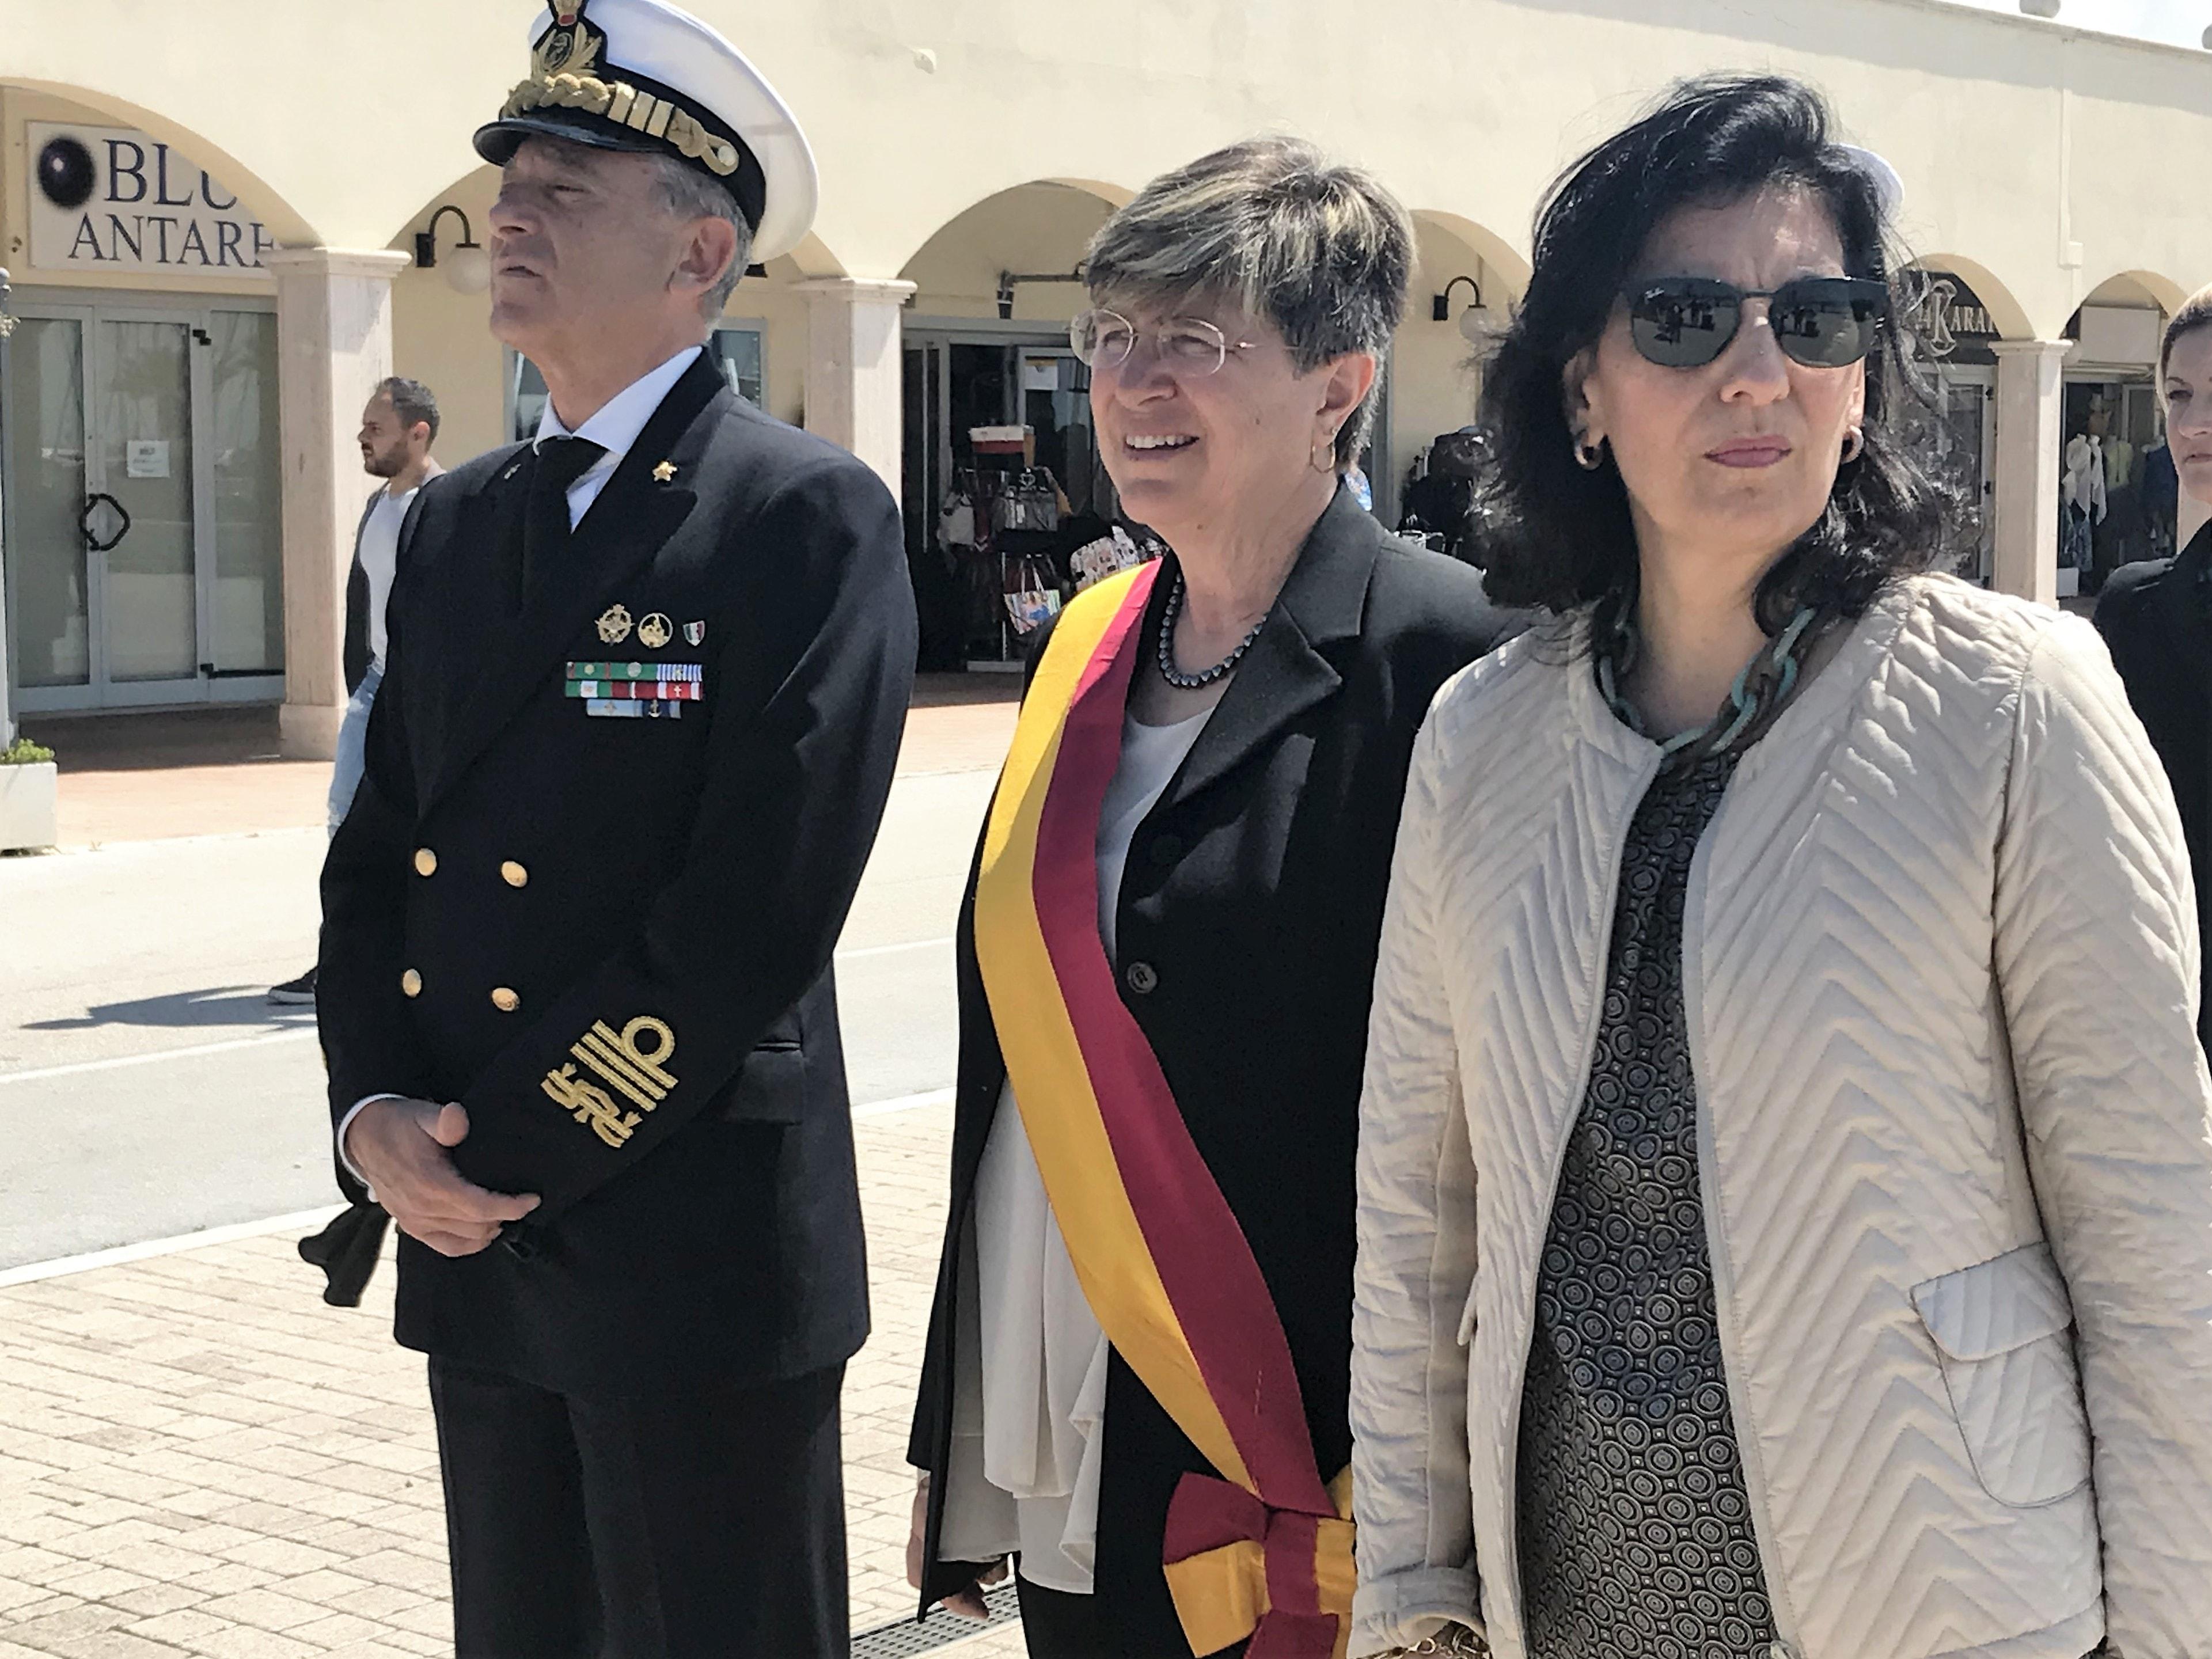 Municipio X, a sinistra l'ammiraglioPettorino a destra Prefetto vicario Volpe-2